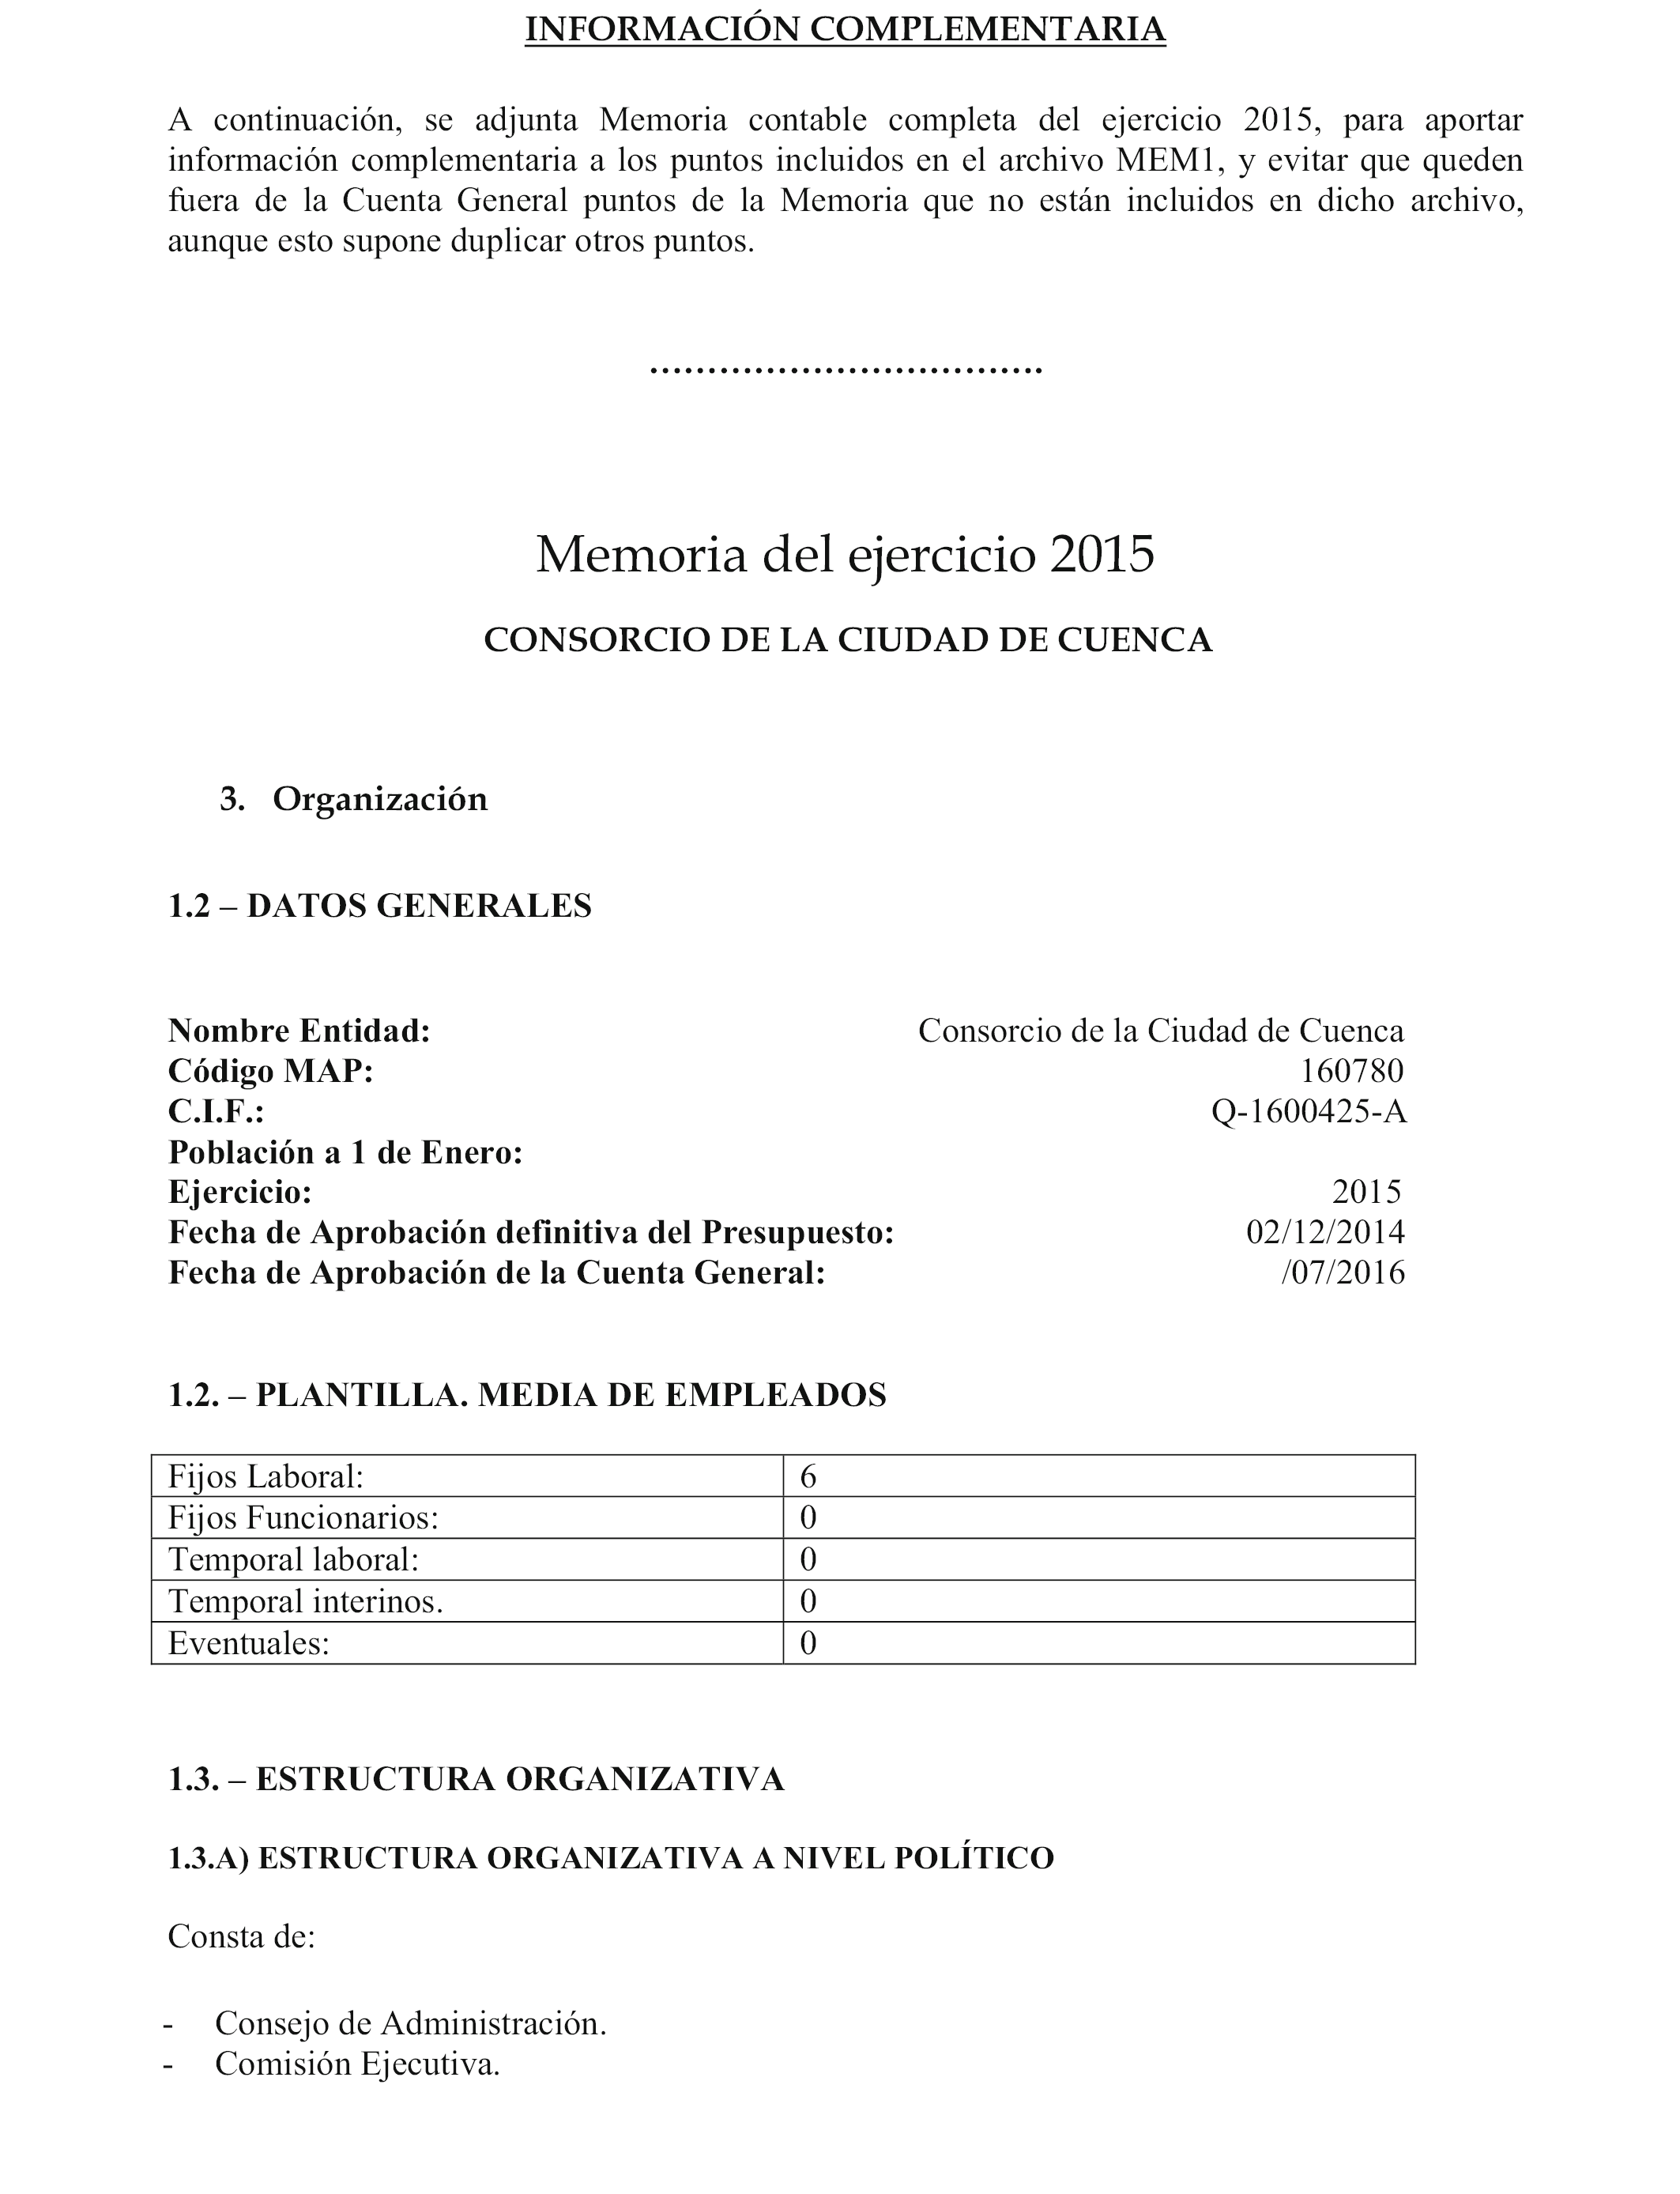 Atractivo Plantilla De Información Ejecutiva Adorno - Colección De ...